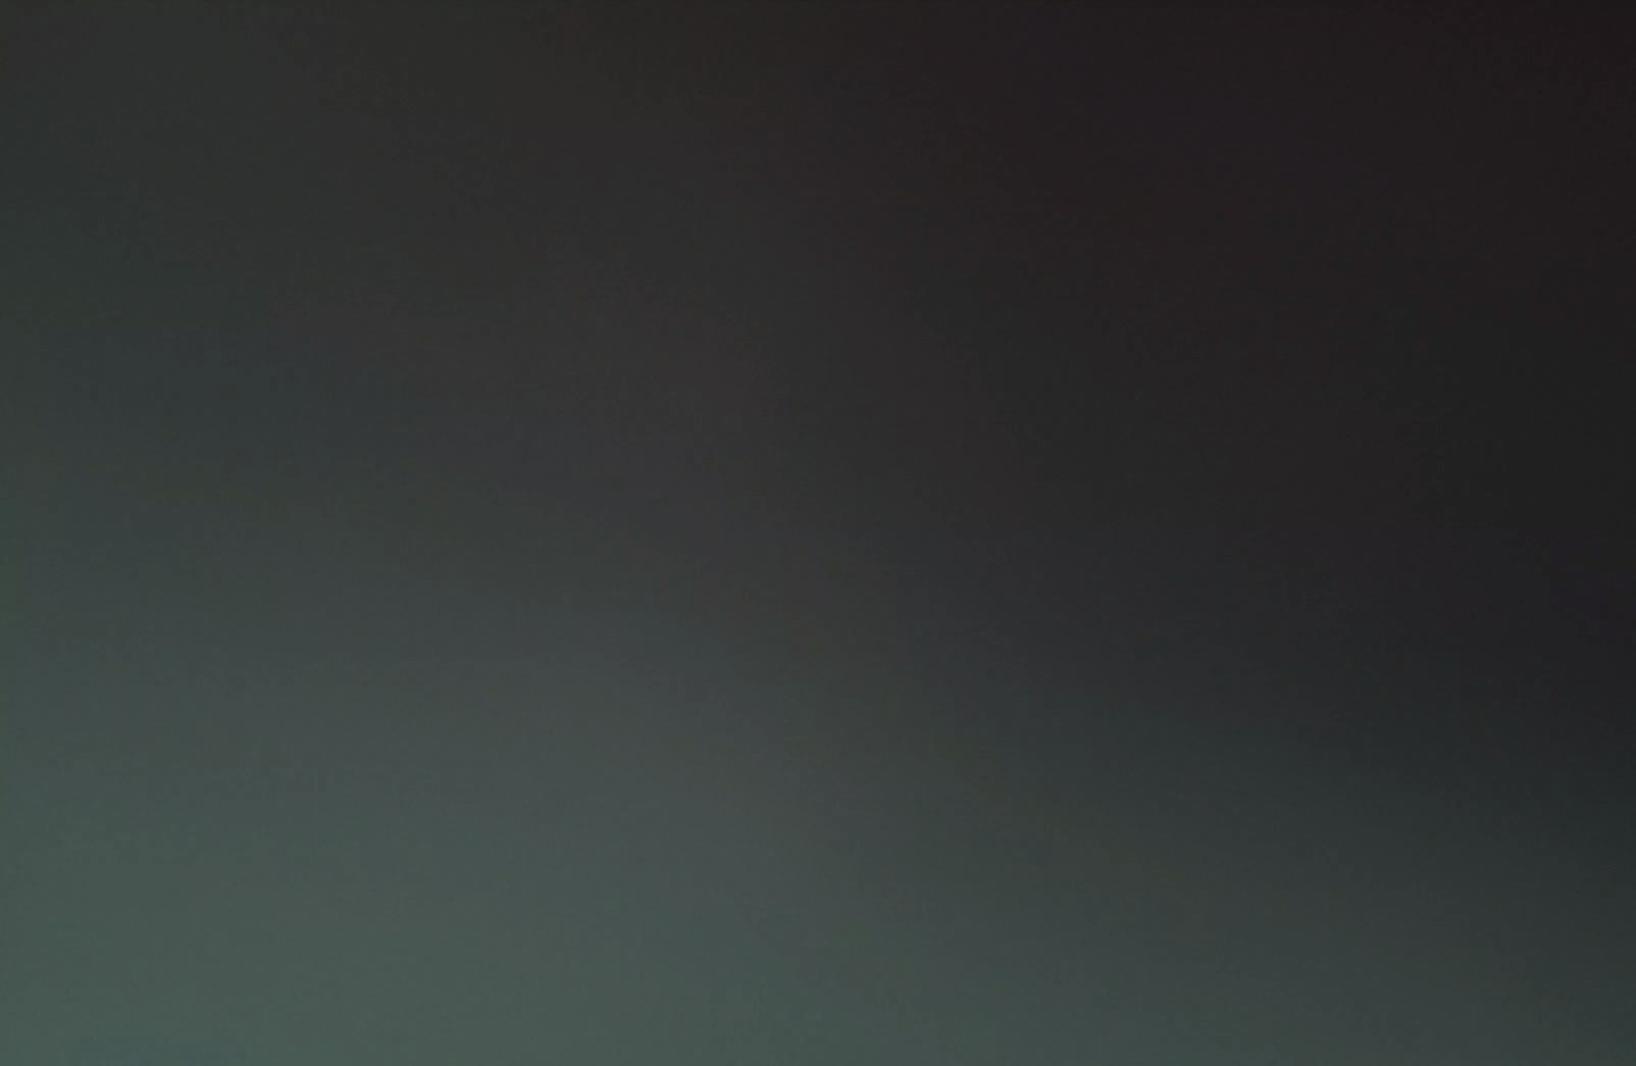 Bildschirmfoto 2018-10-17 um 16.04.48.png